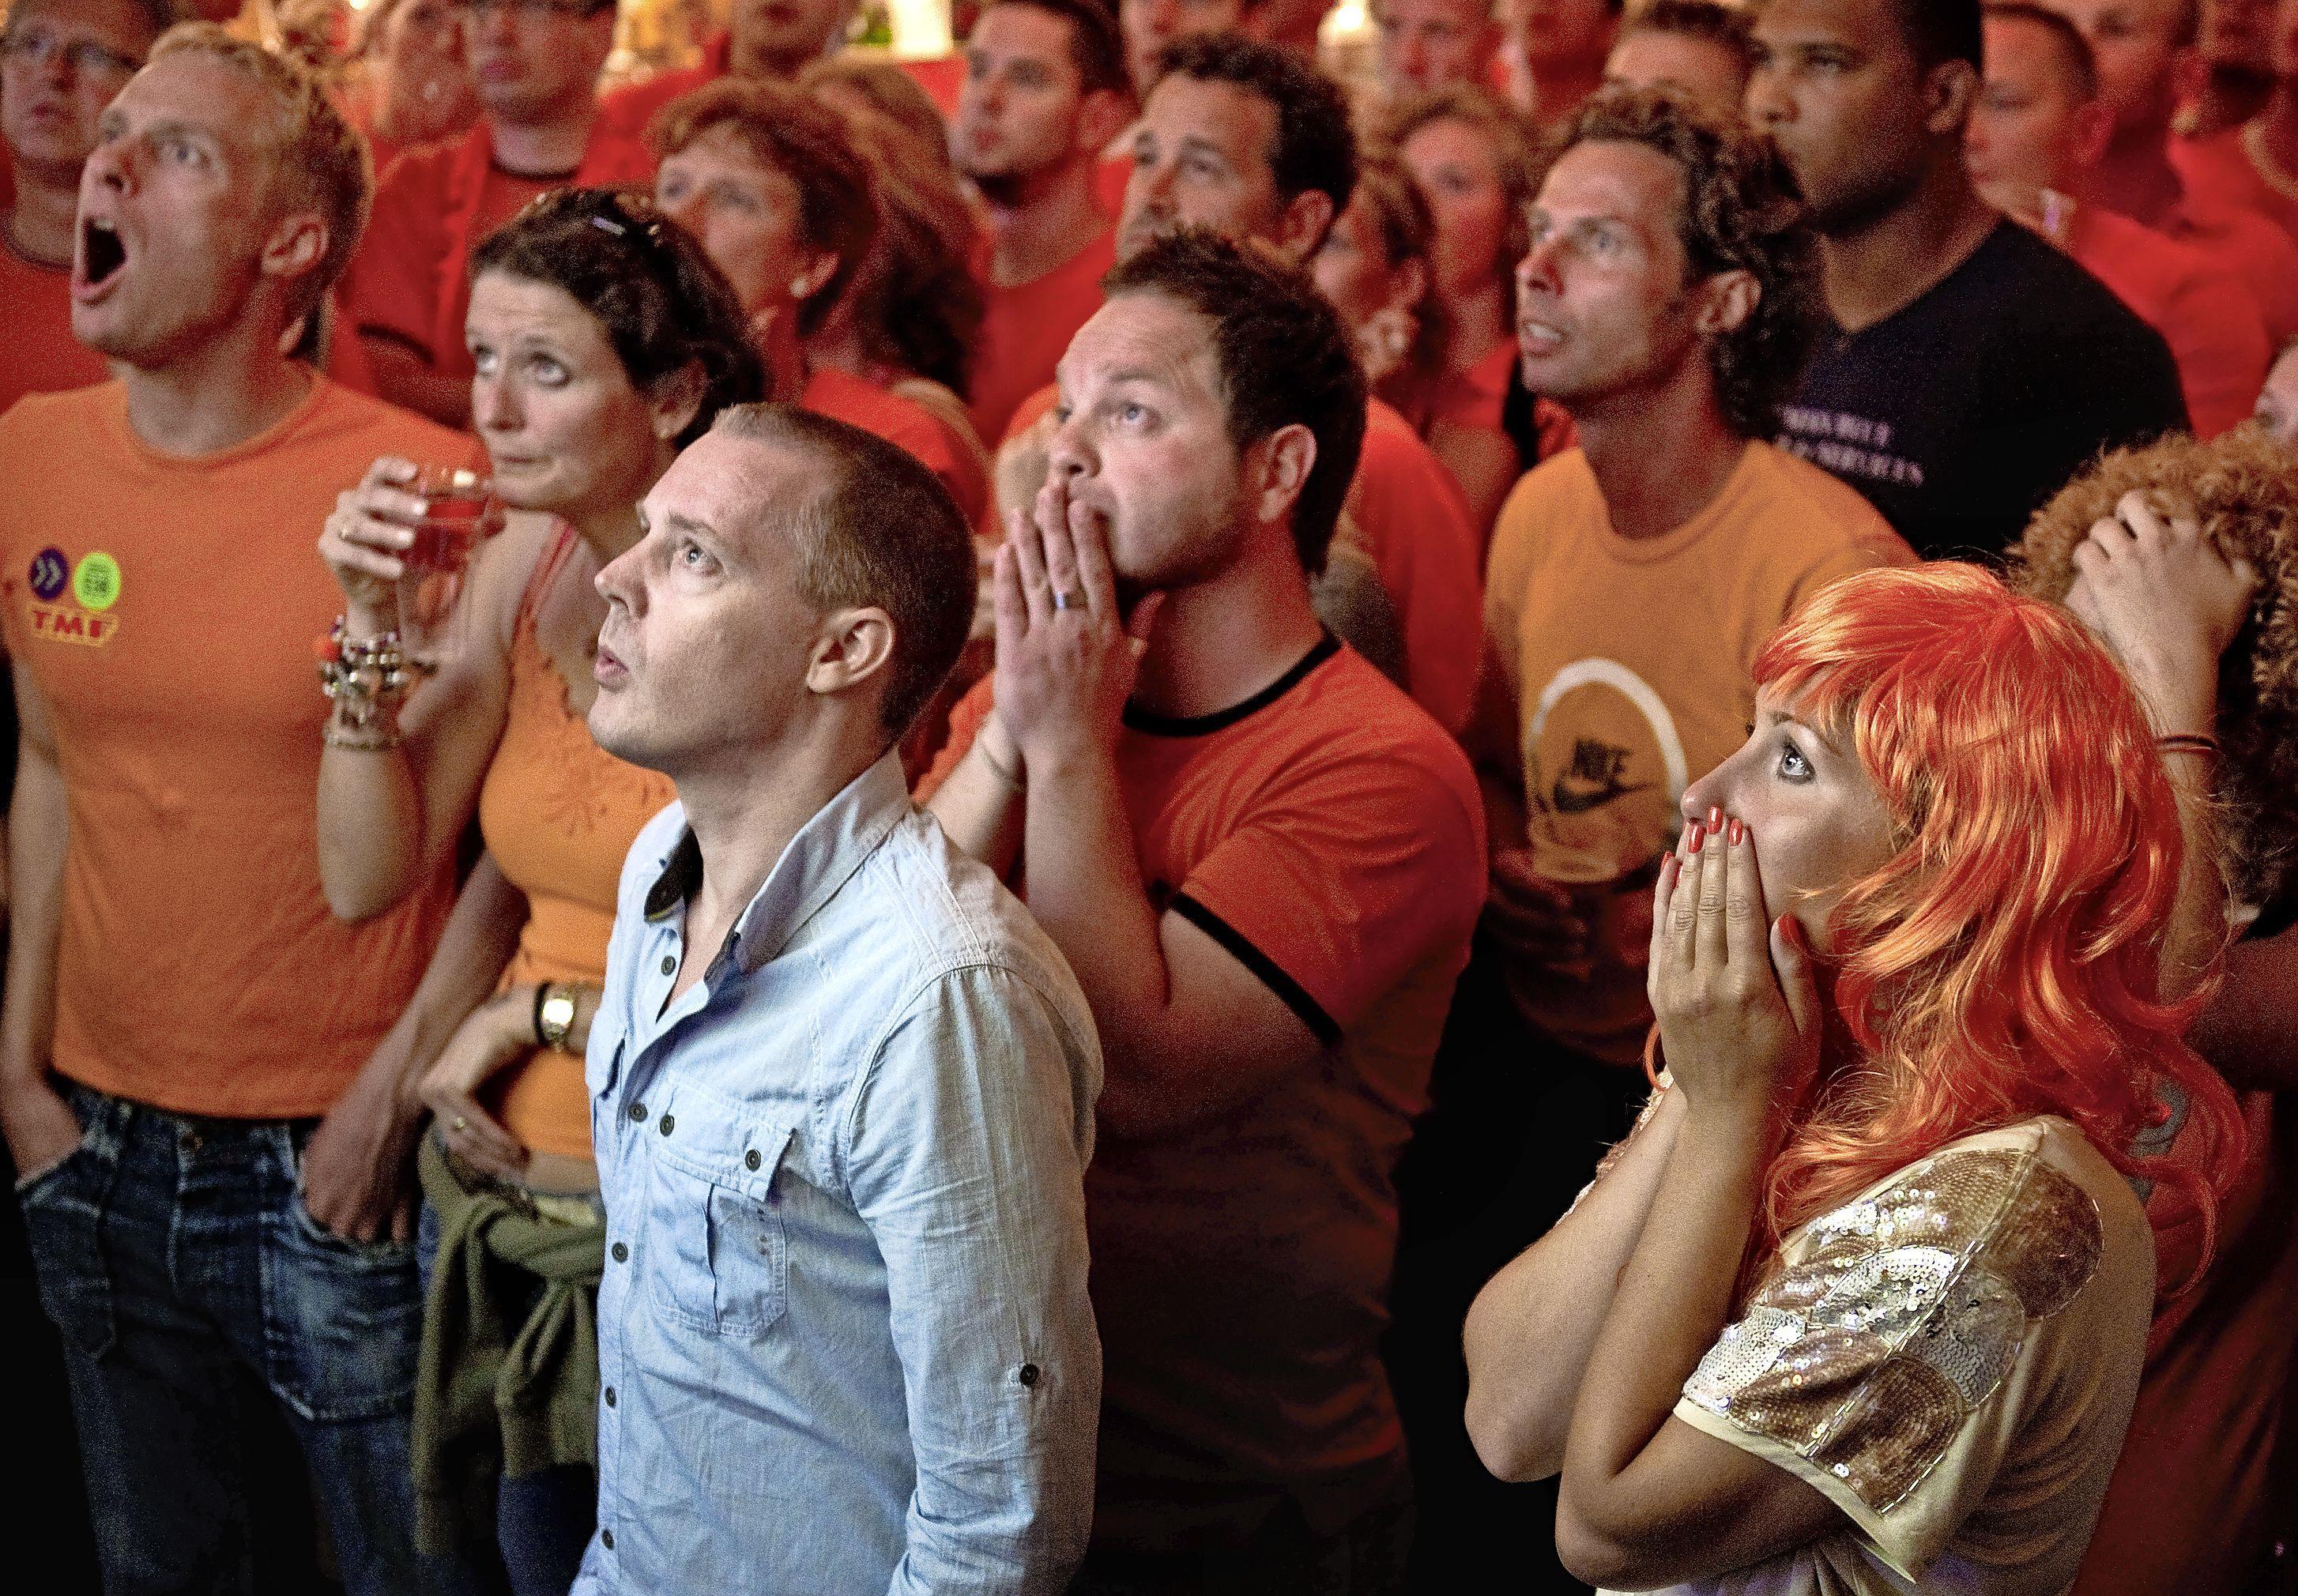 Samen voetbal kijken mag wel in de bioscoop maar niet op het terras. Burgemeester Jan Hamming van Zaanstad gaat zijn best doen voor horeca